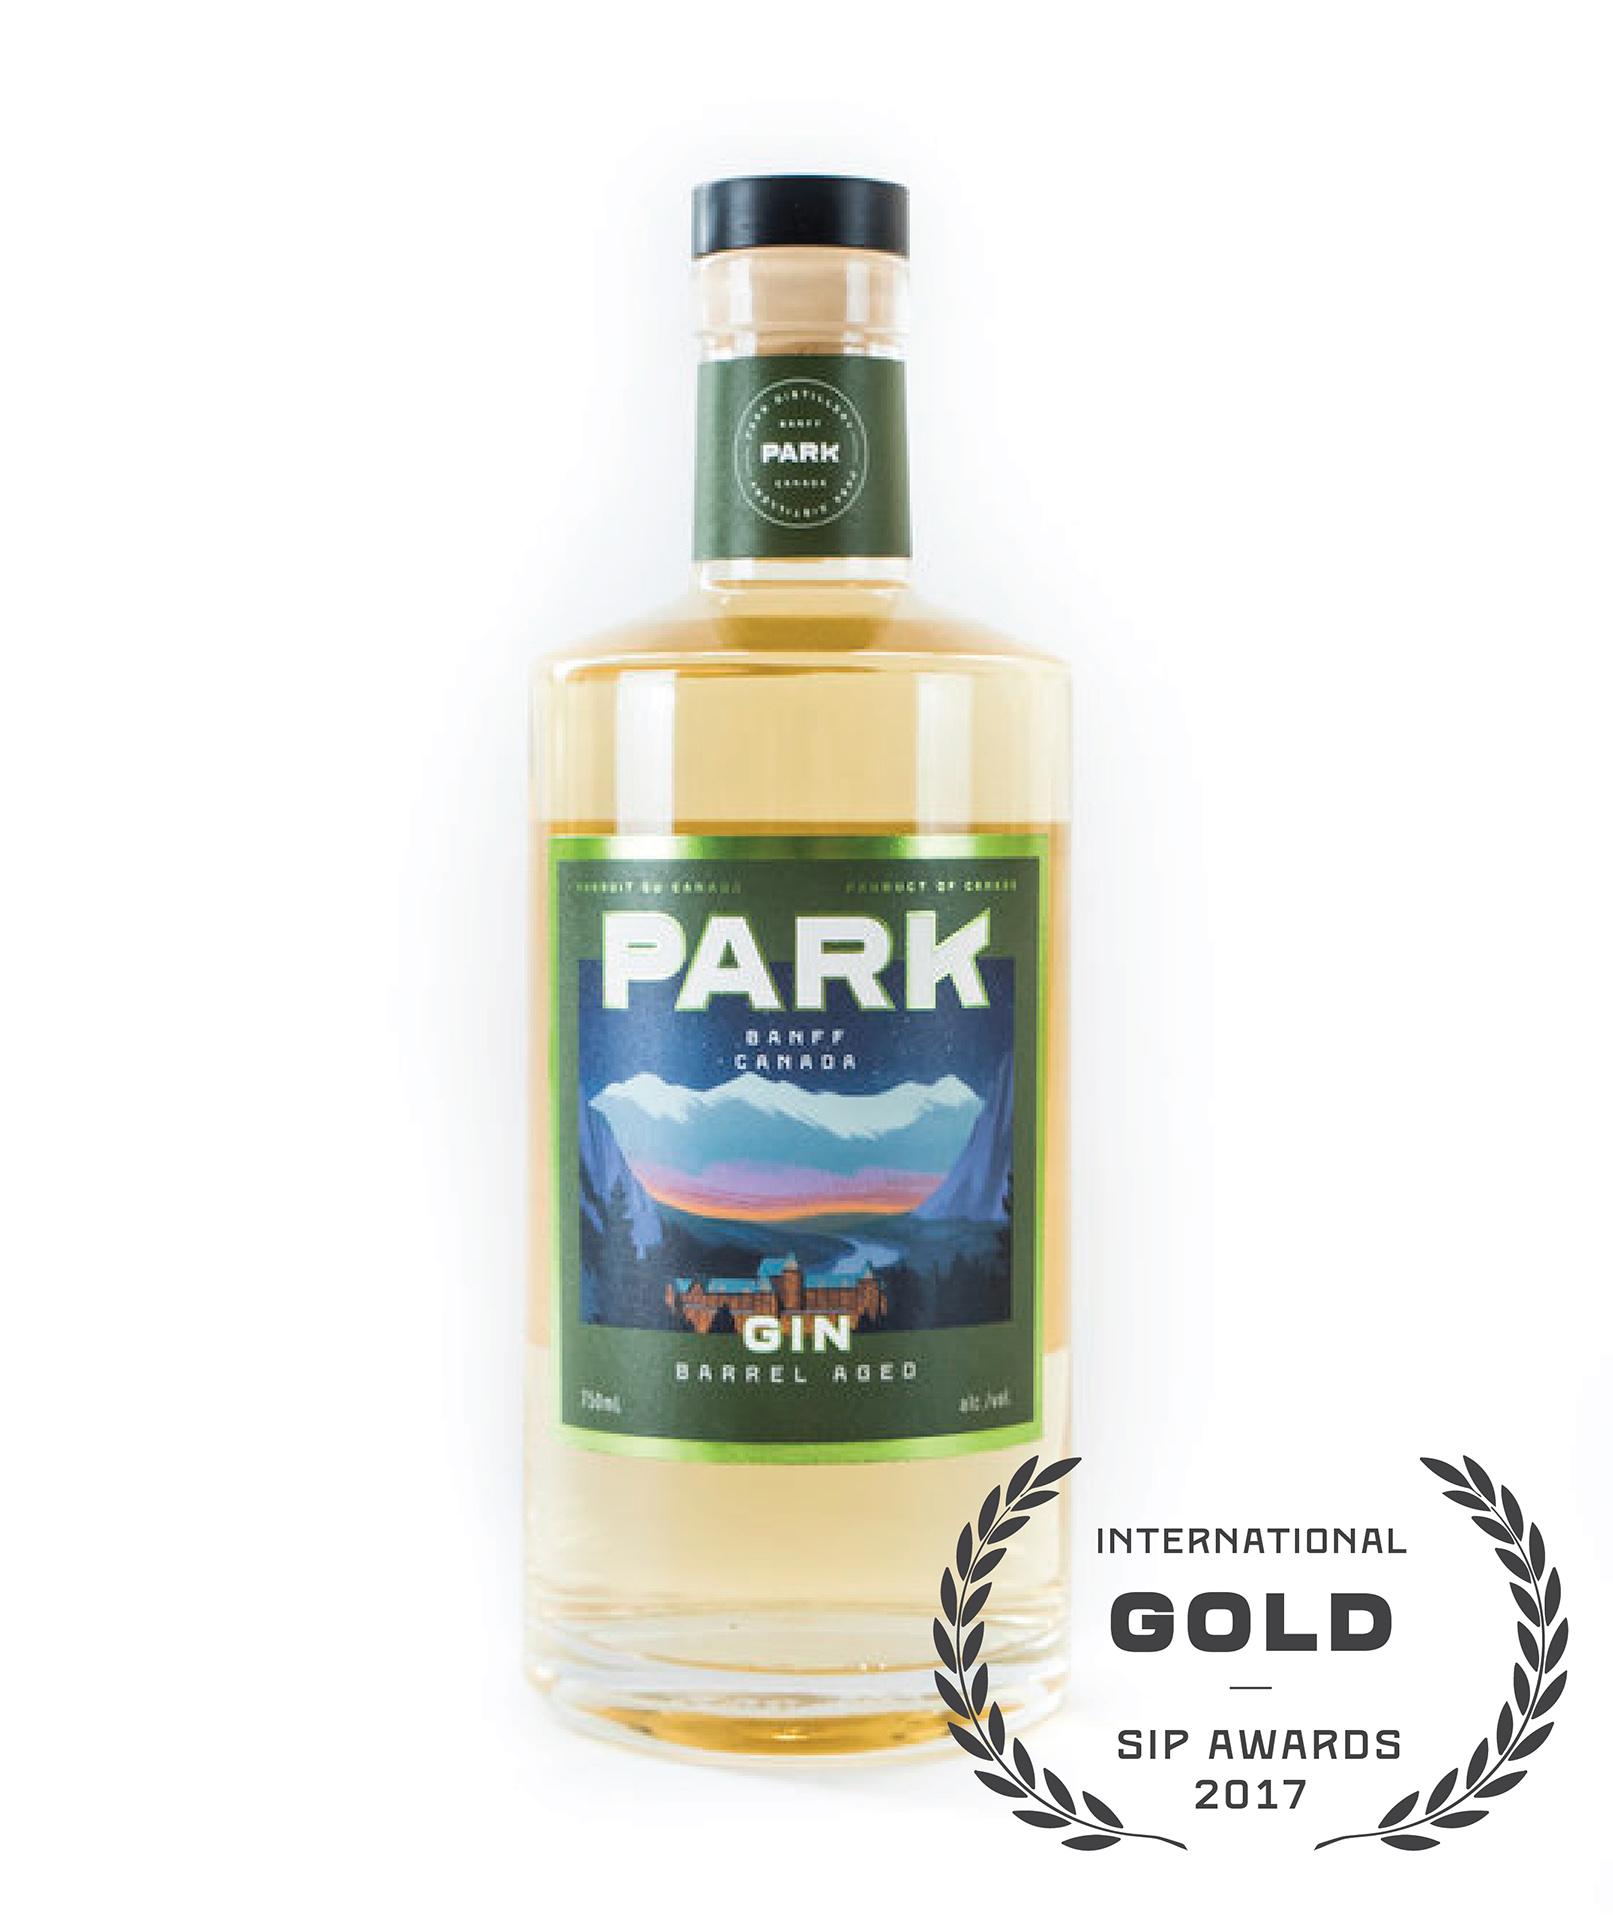 Park Barrel Aged Gin